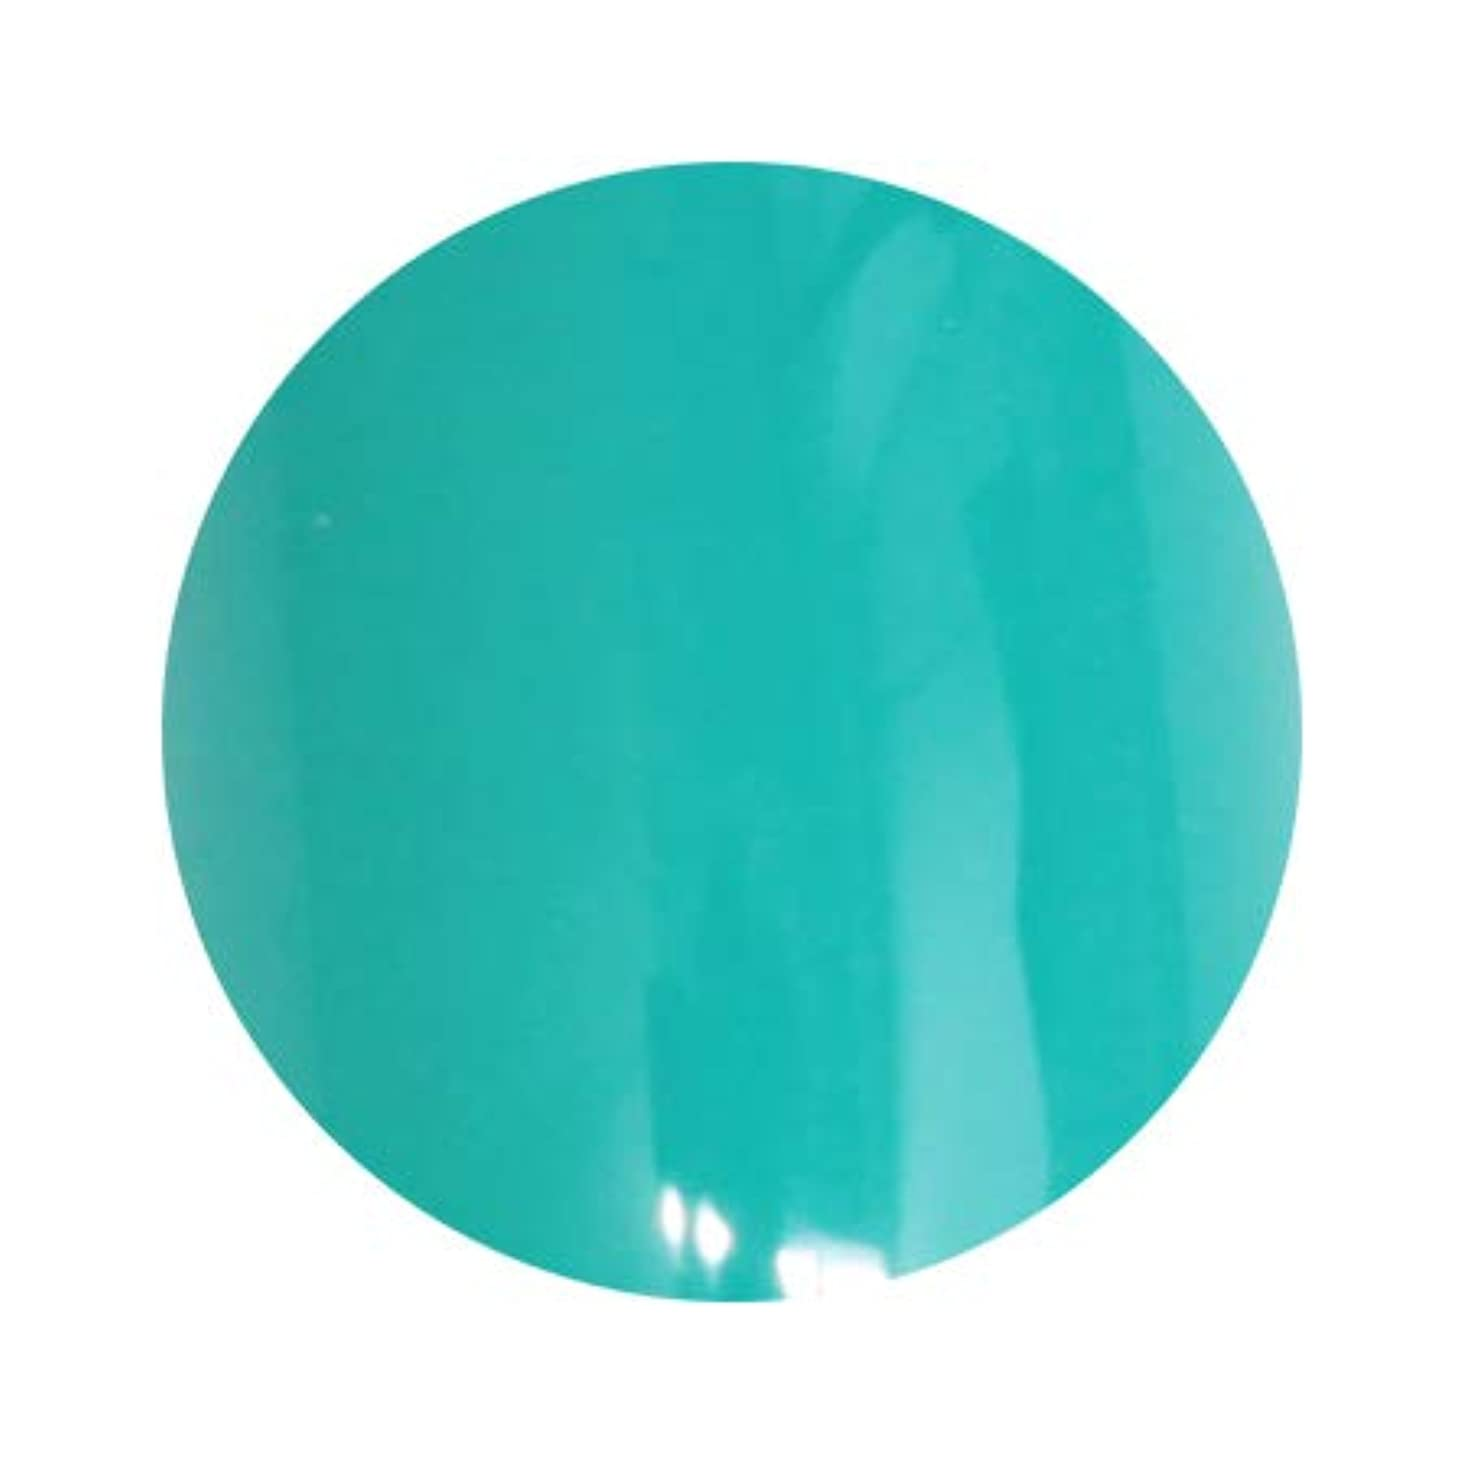 シロナガスクジラ認識星LUCU GEL ルクジェル カラー GRM12 ネイテュブグリーン 3.5g